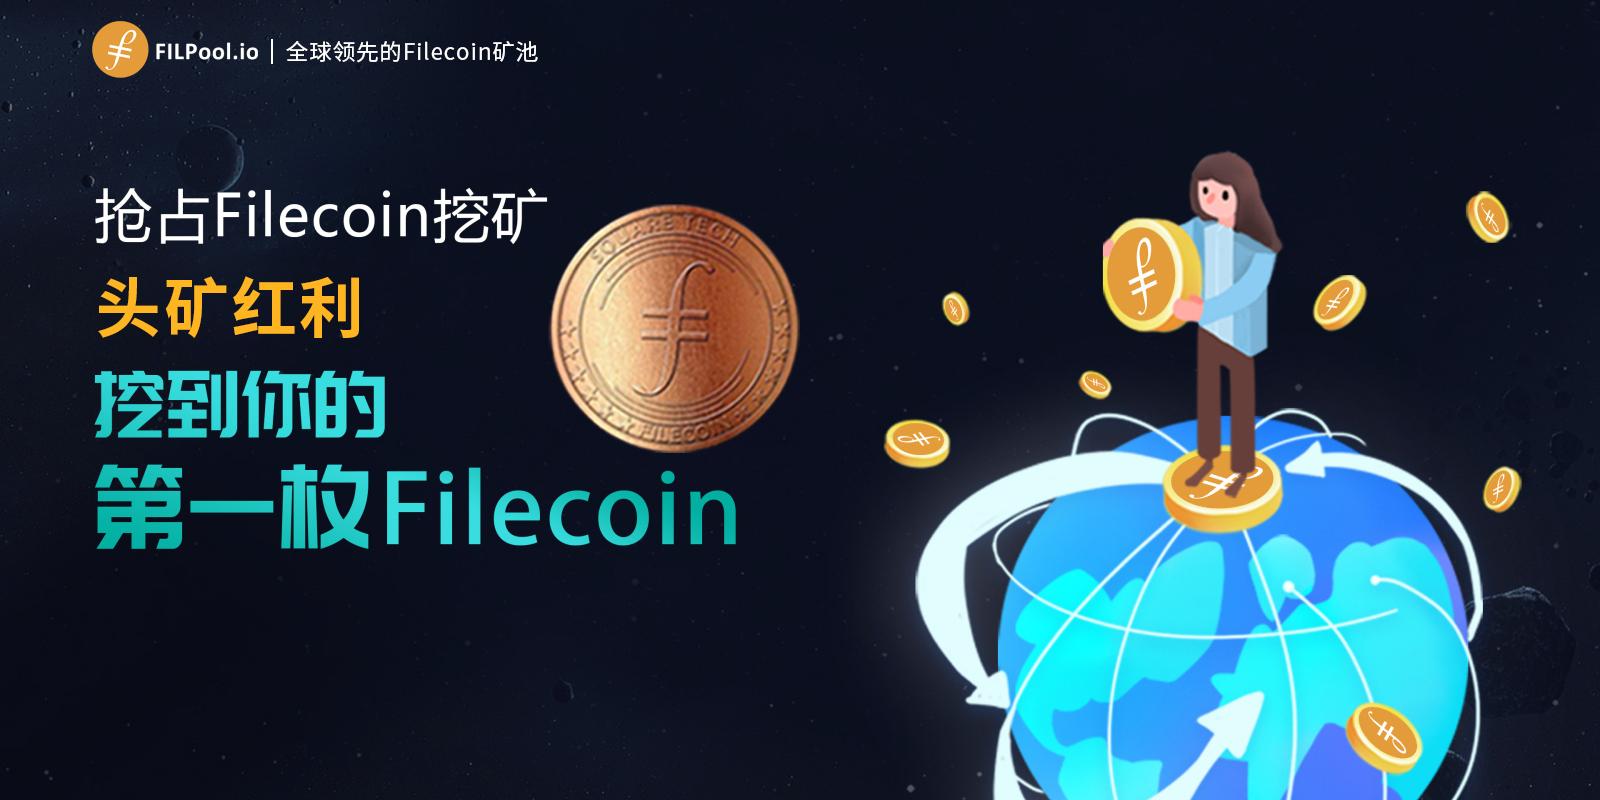 抢占Filecoin头矿红利